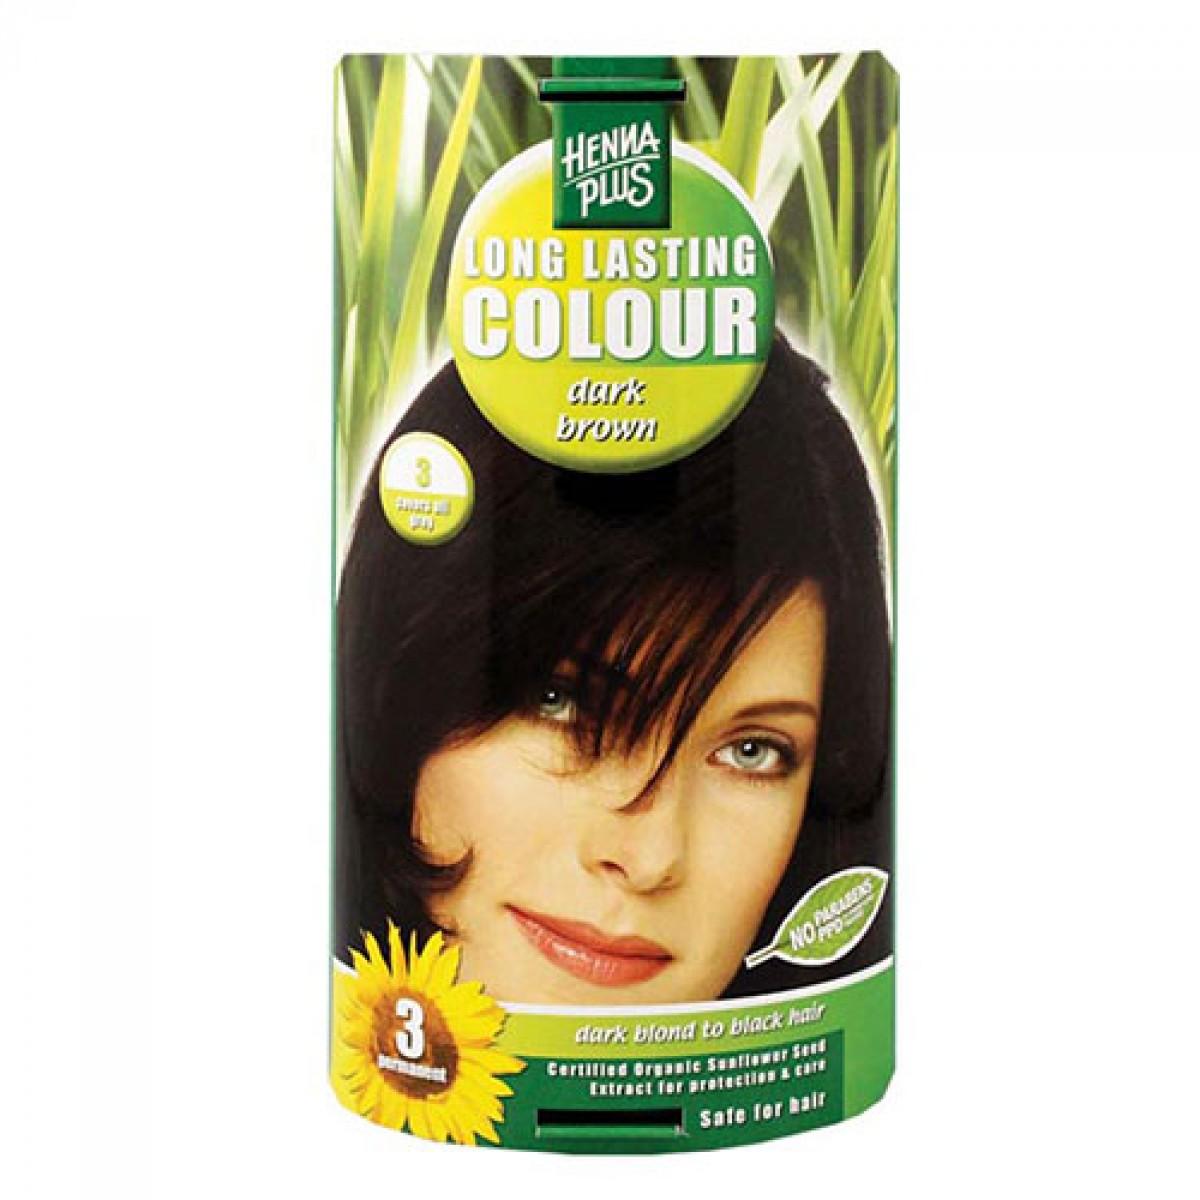 Fotografie HennaPlus dlouhotrvající barva na vlasy 3 Tmavě hnědá, 100 ml